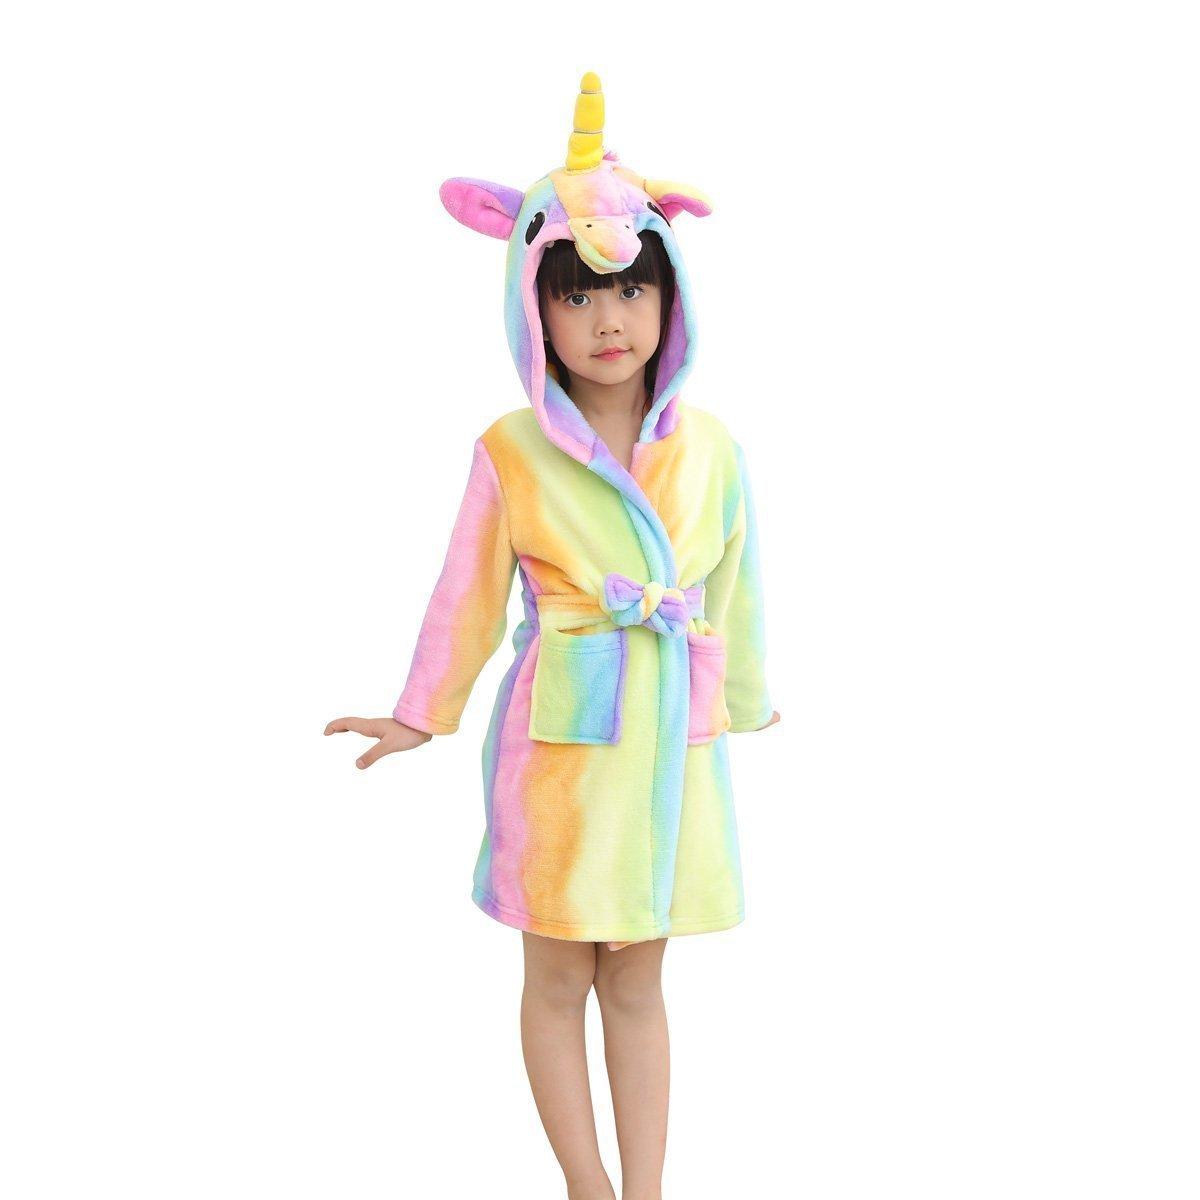 Hanax Kid Bathrobe Unicorn Flannel Ultra Soft Plush Comfy Hooded Nightgown Homewear Starry Sleepwear, 3T